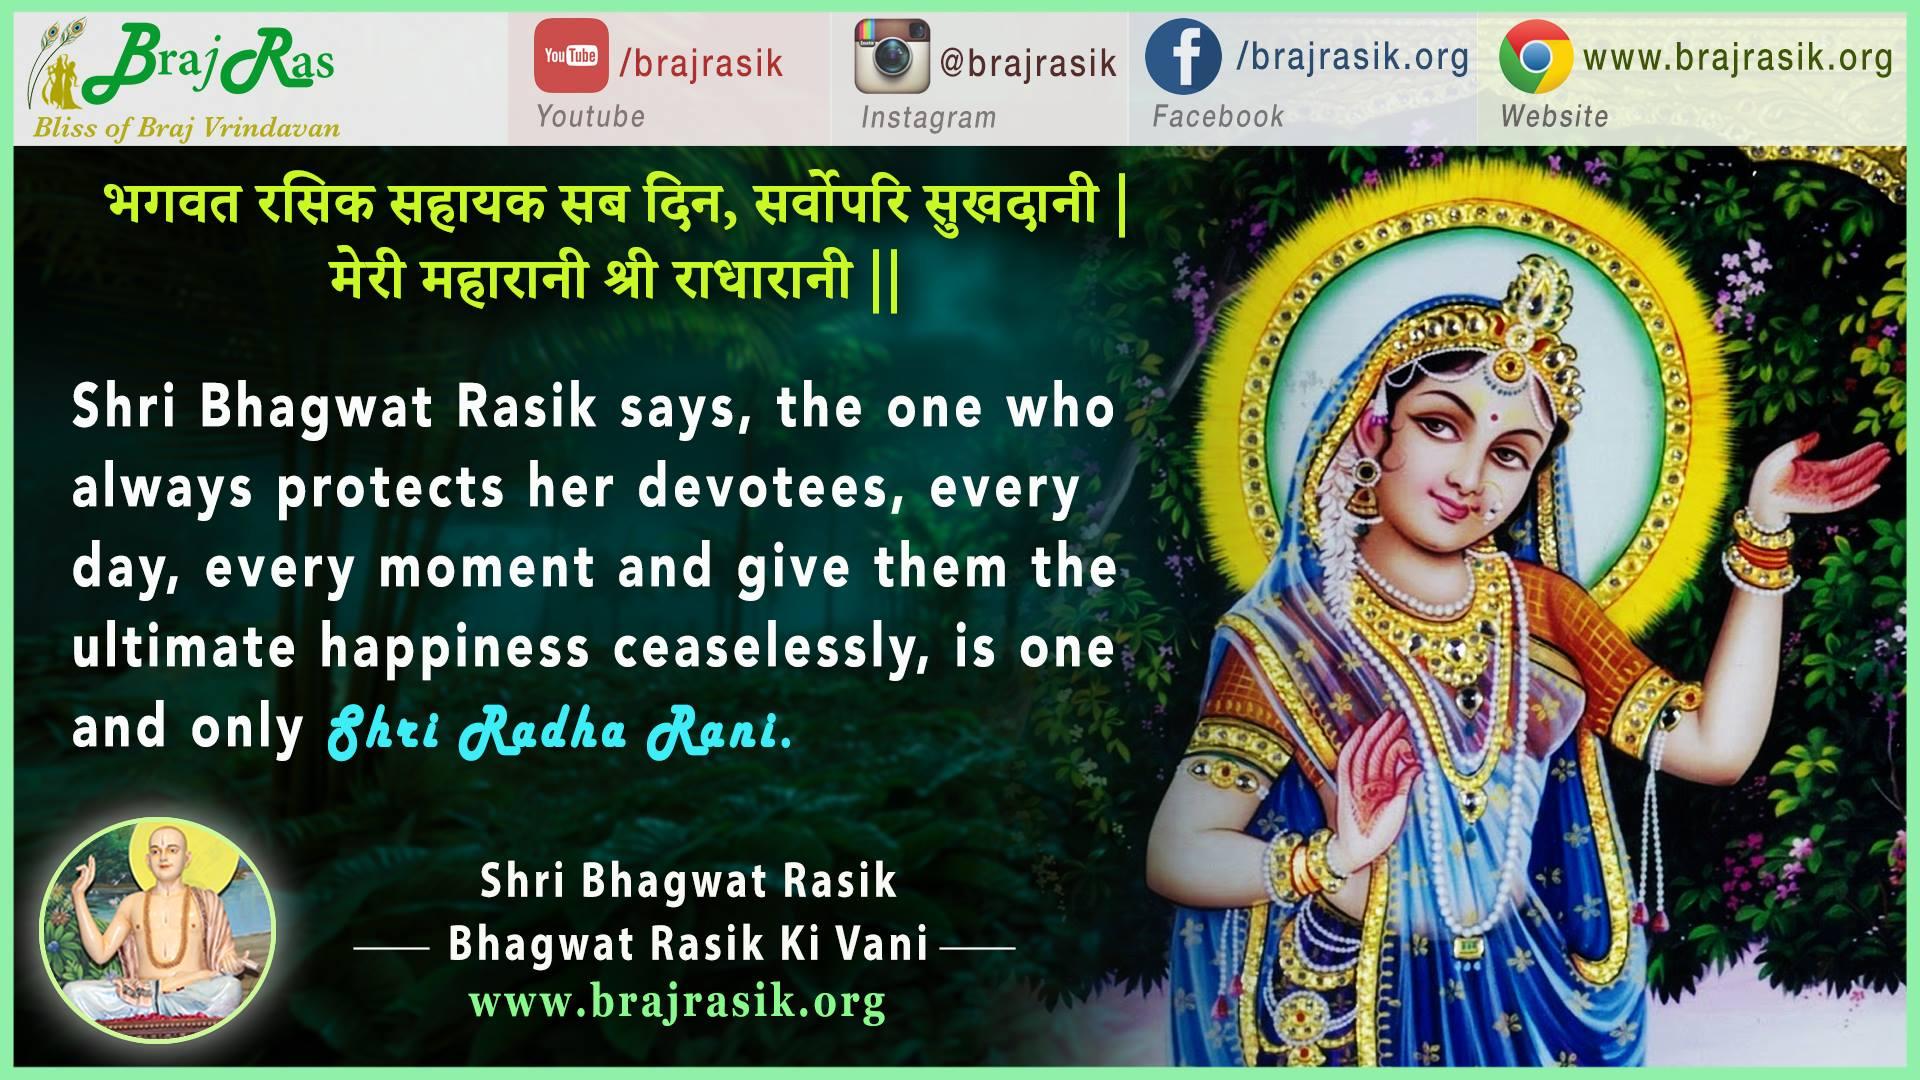 Bhagwat Rasik Sahayak Sab Din - Shri Bhagwat Rasik, Bhagwat Rasik Ki Vani